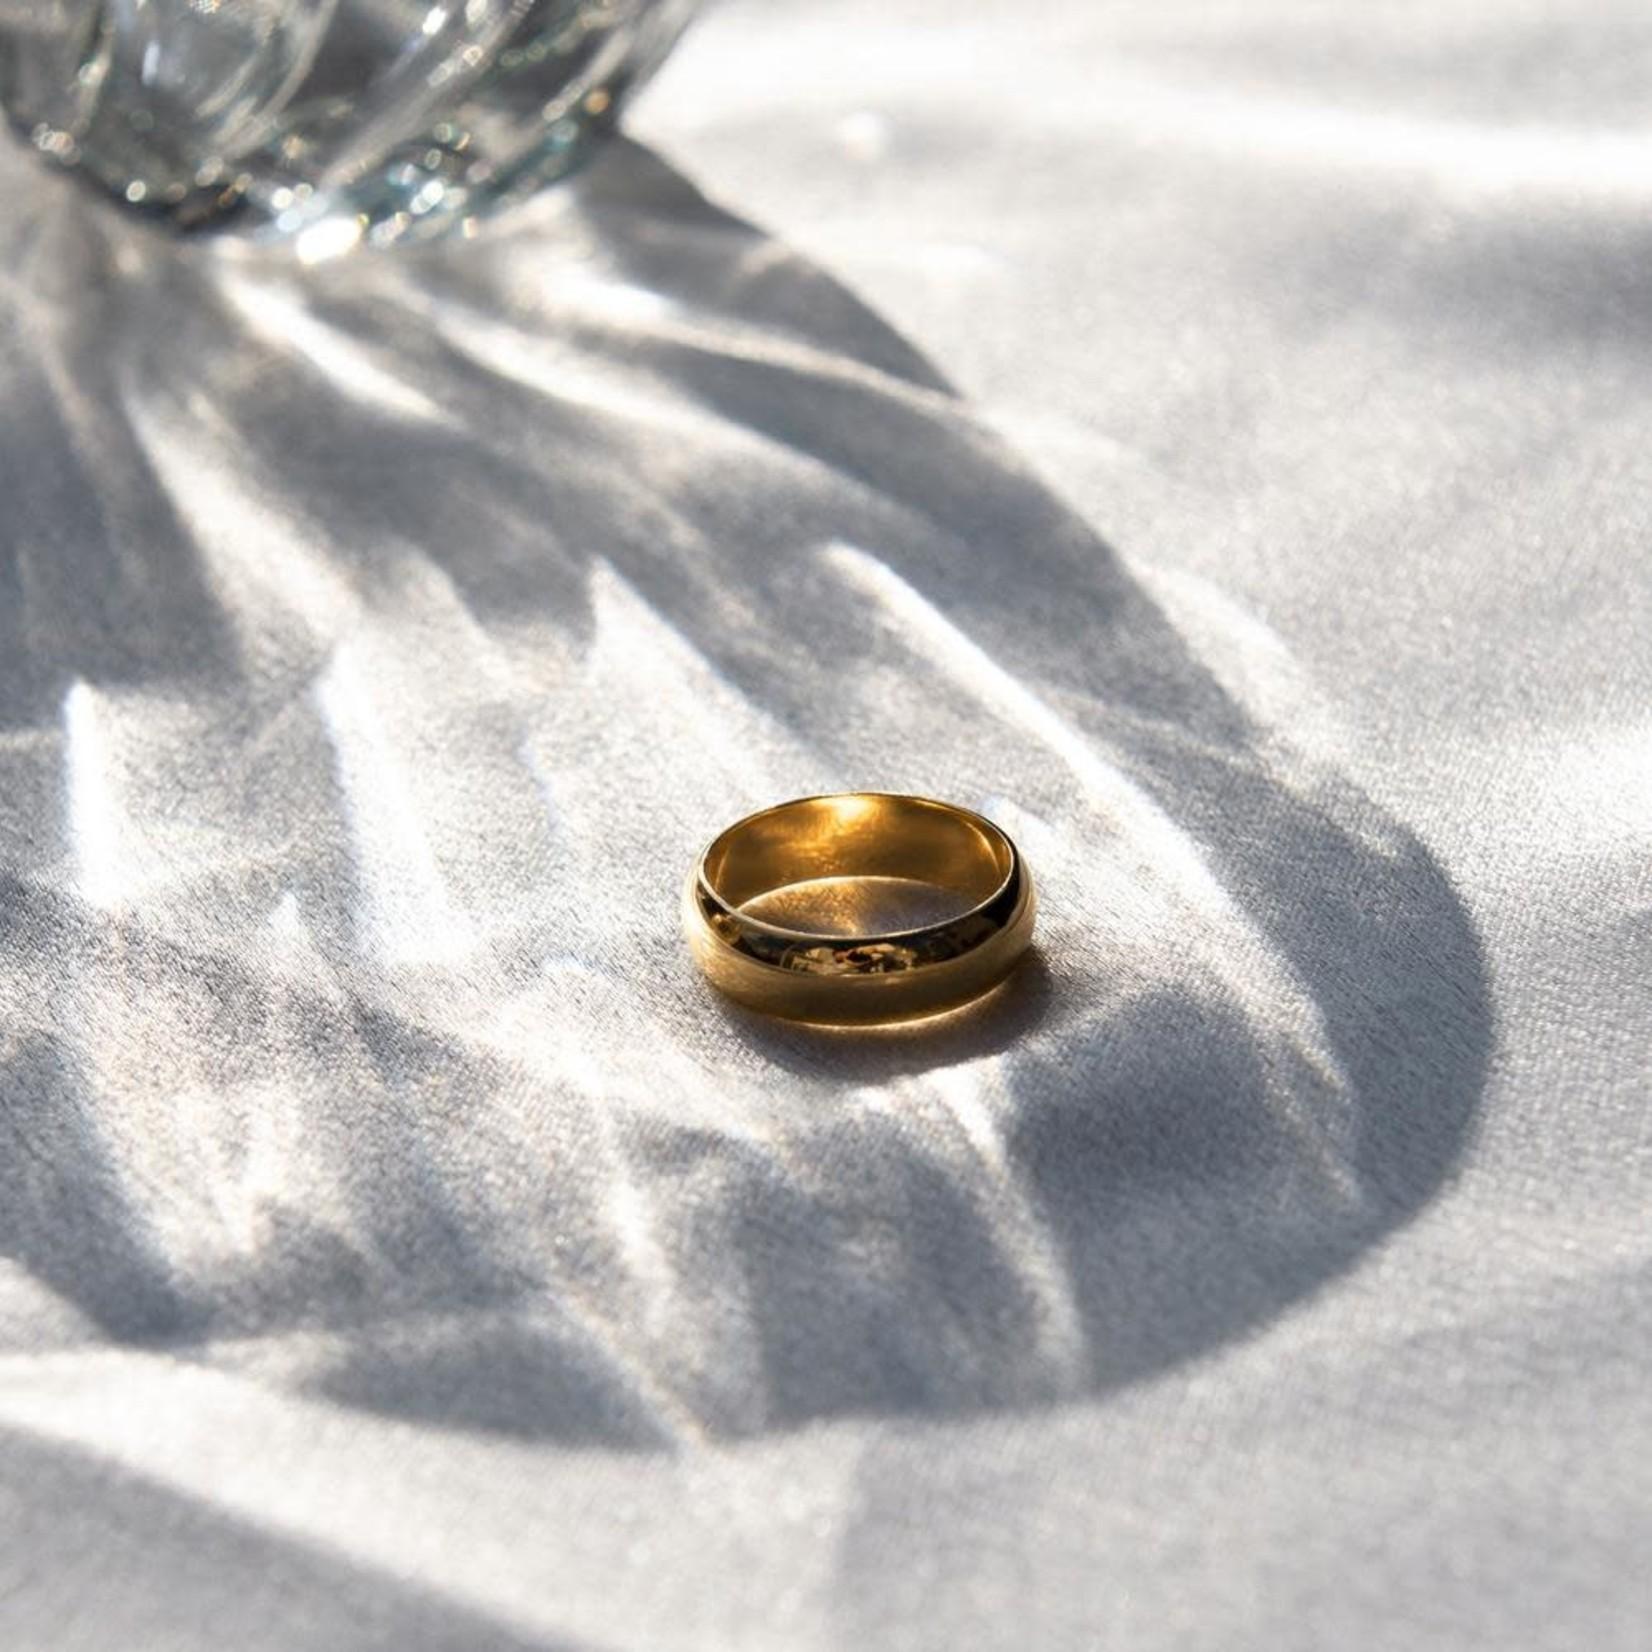 Welldunn jewelry Welldunn JORDAN or